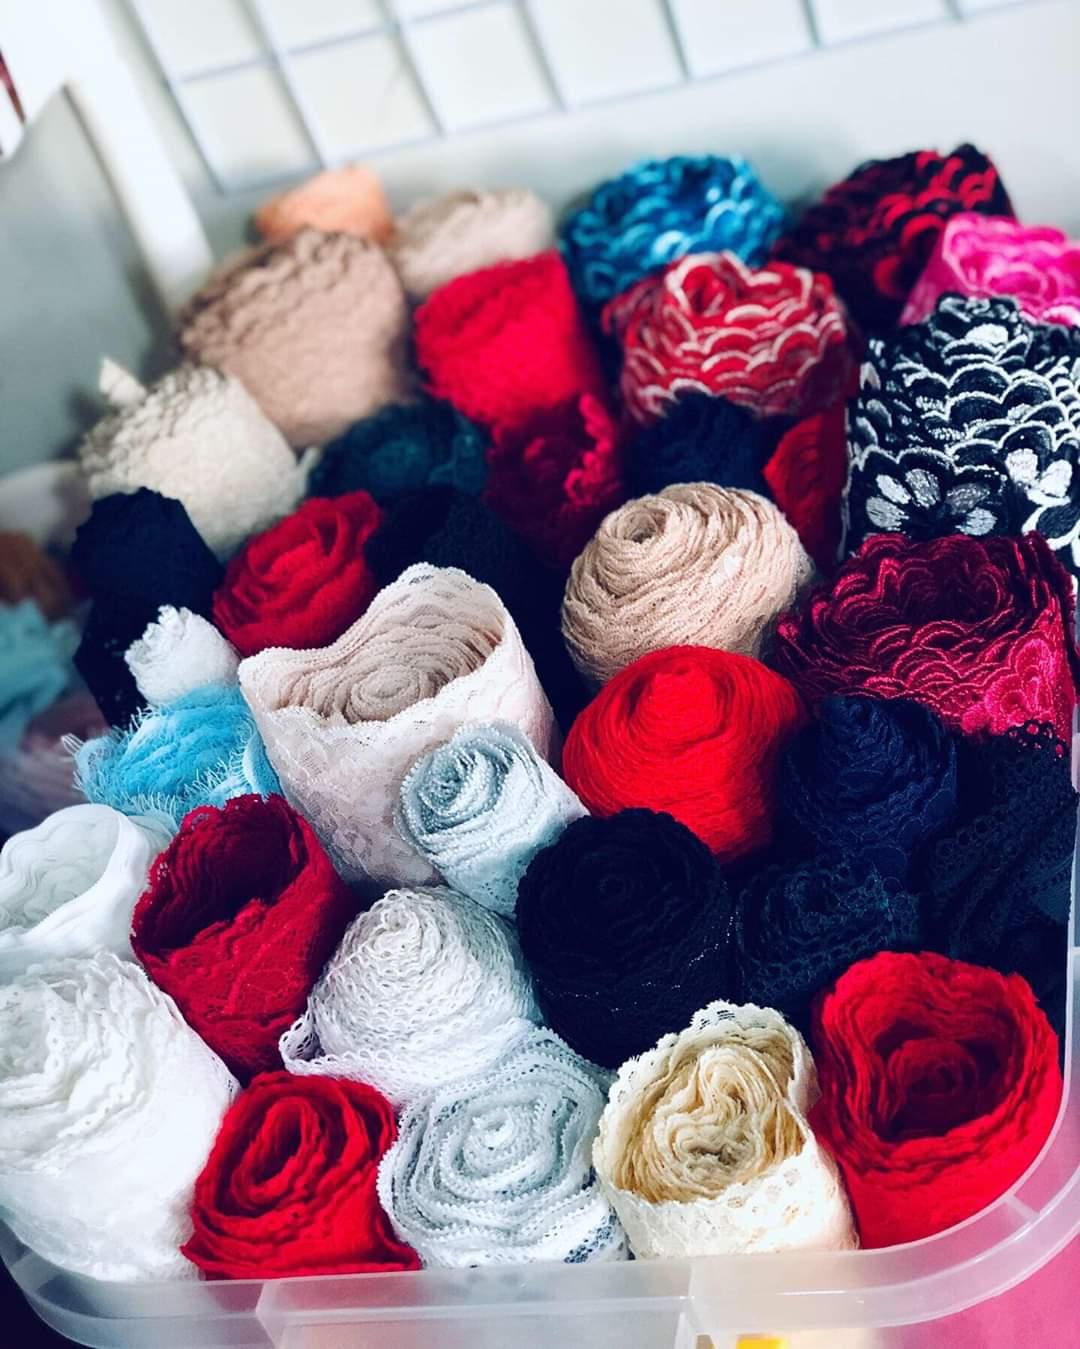 Thu mua vải miếng, vải lốc, vải khúc thời trang 16/10/2019